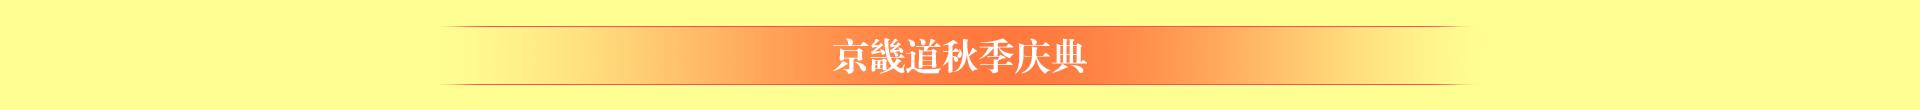 韩国京畿道春季庆典